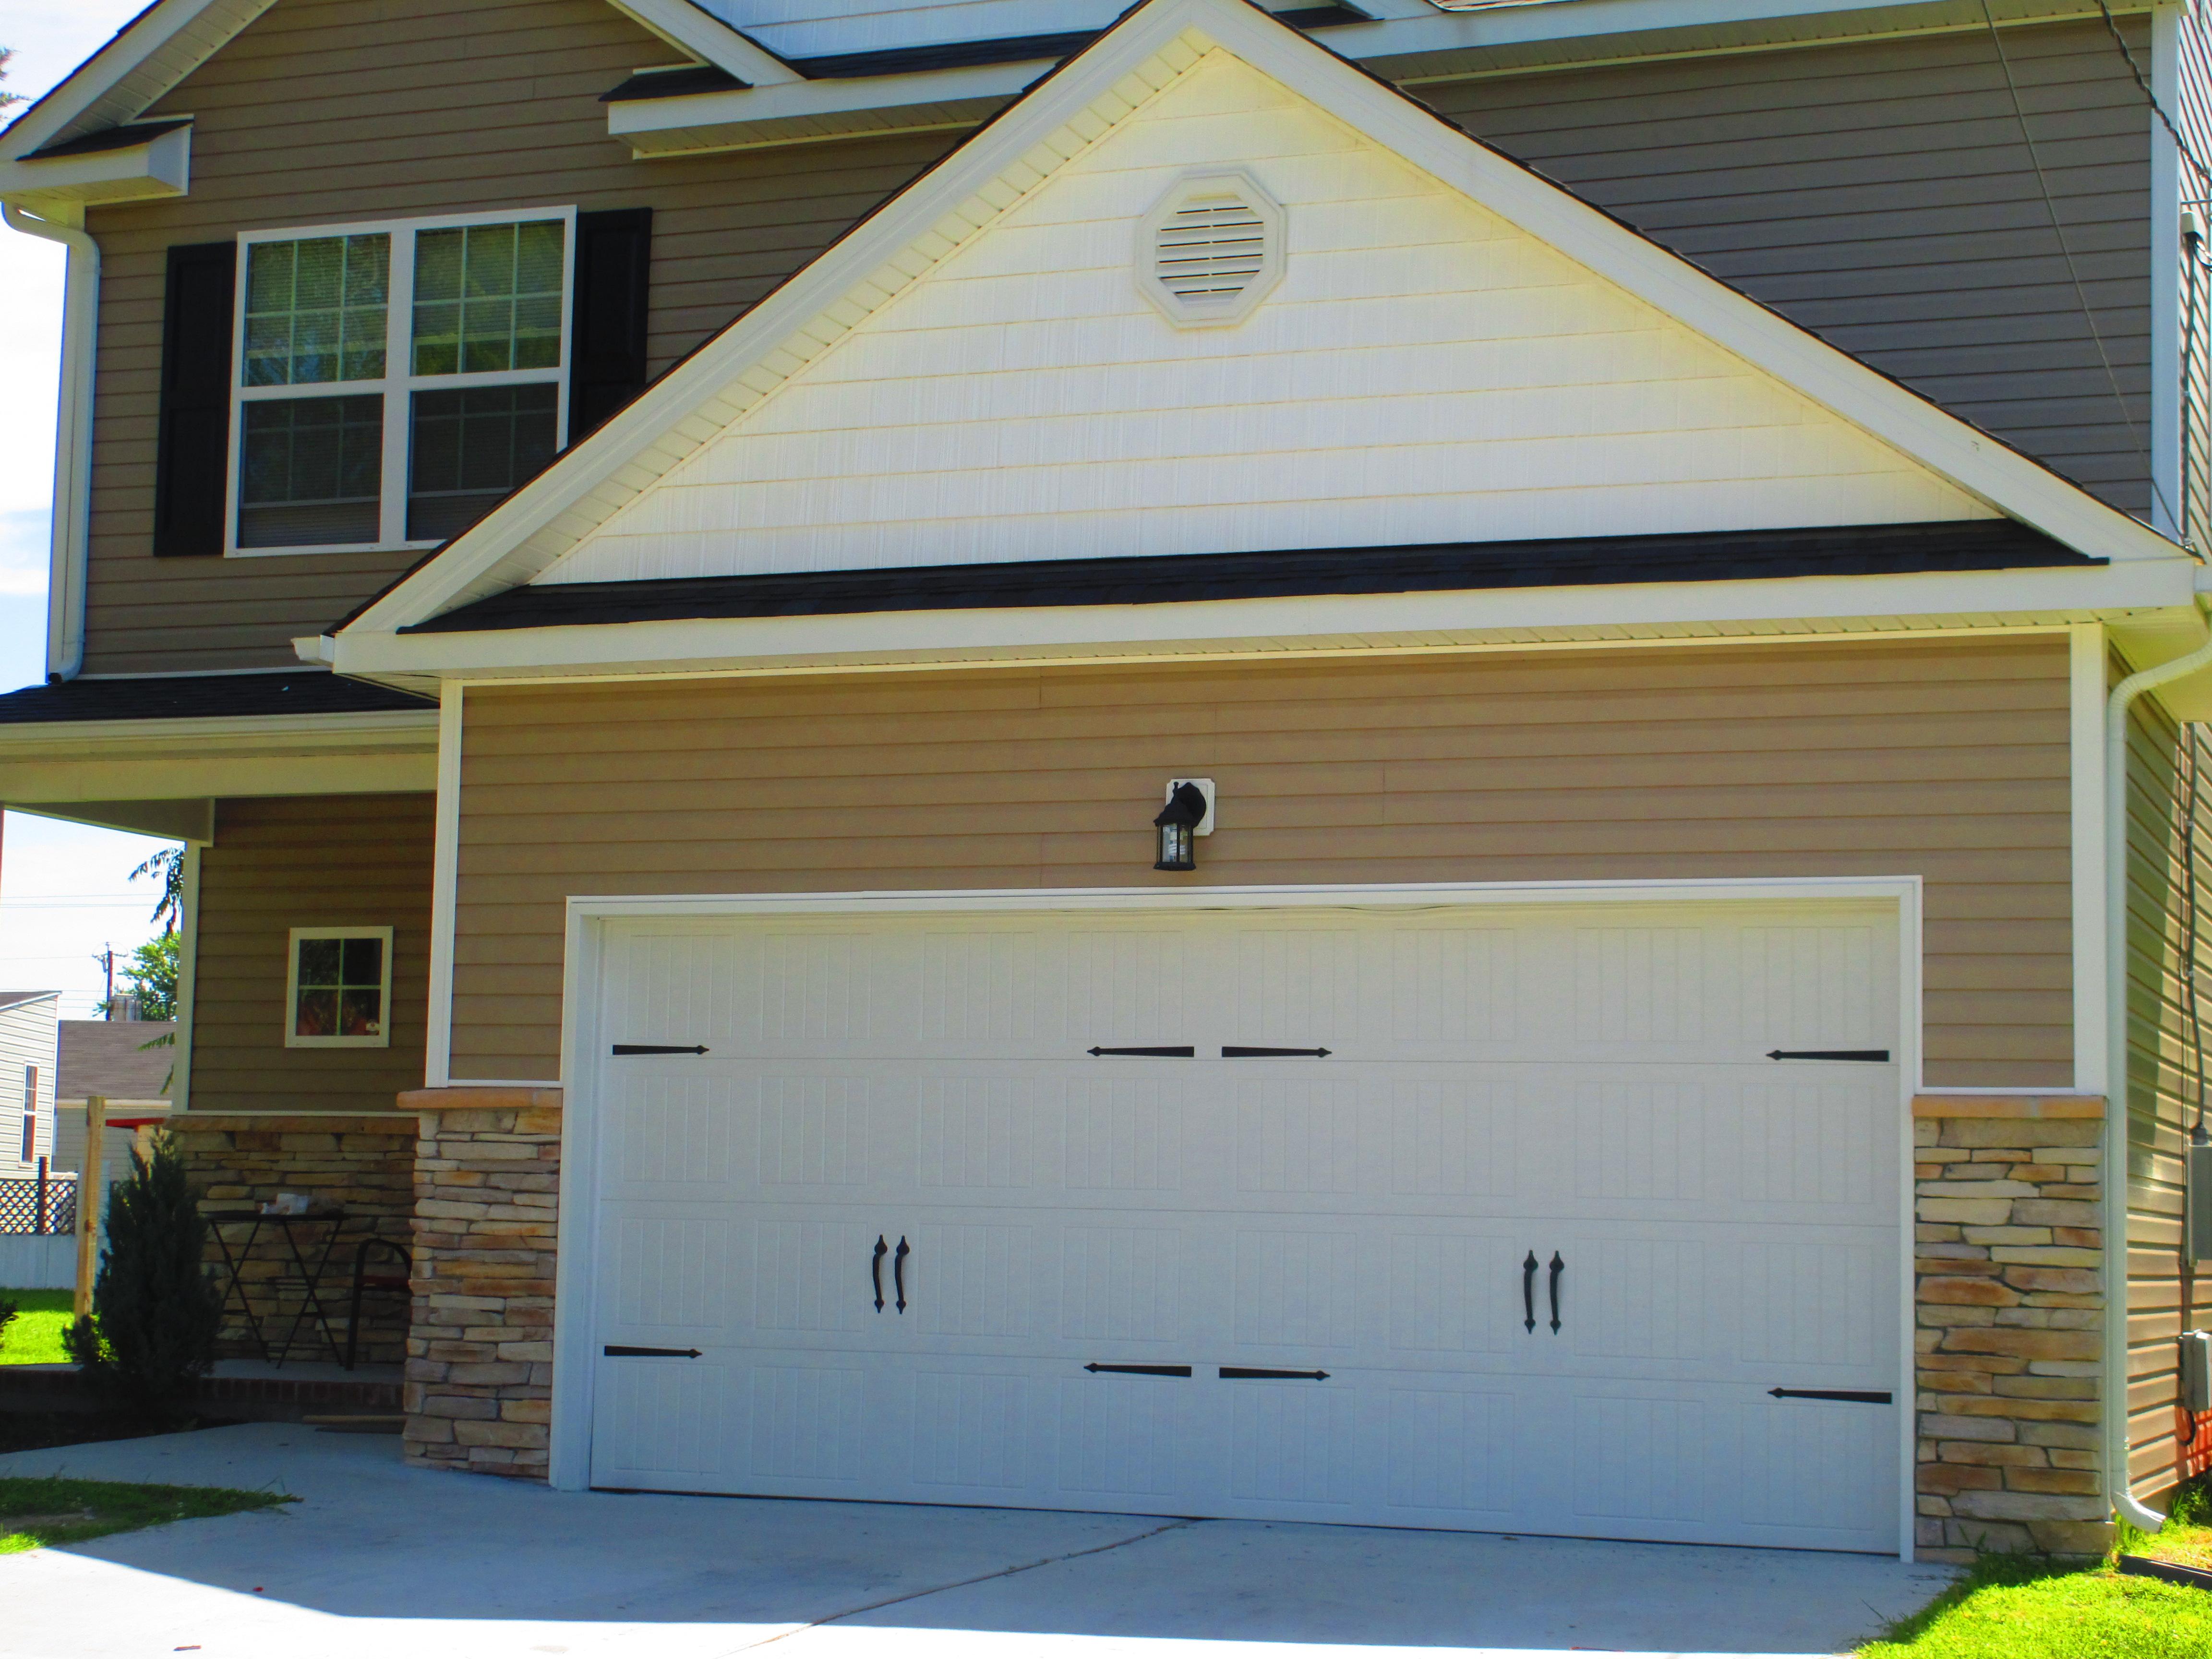 J&S Overhead Garage Door Service image 1